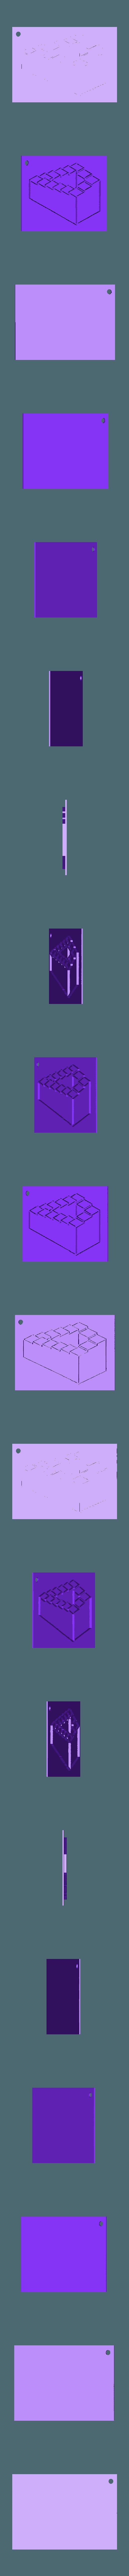 escalier optique final .stl Télécharger fichier STL gratuit Illusion d'optique escalier • Plan pour imprimante 3D, motek